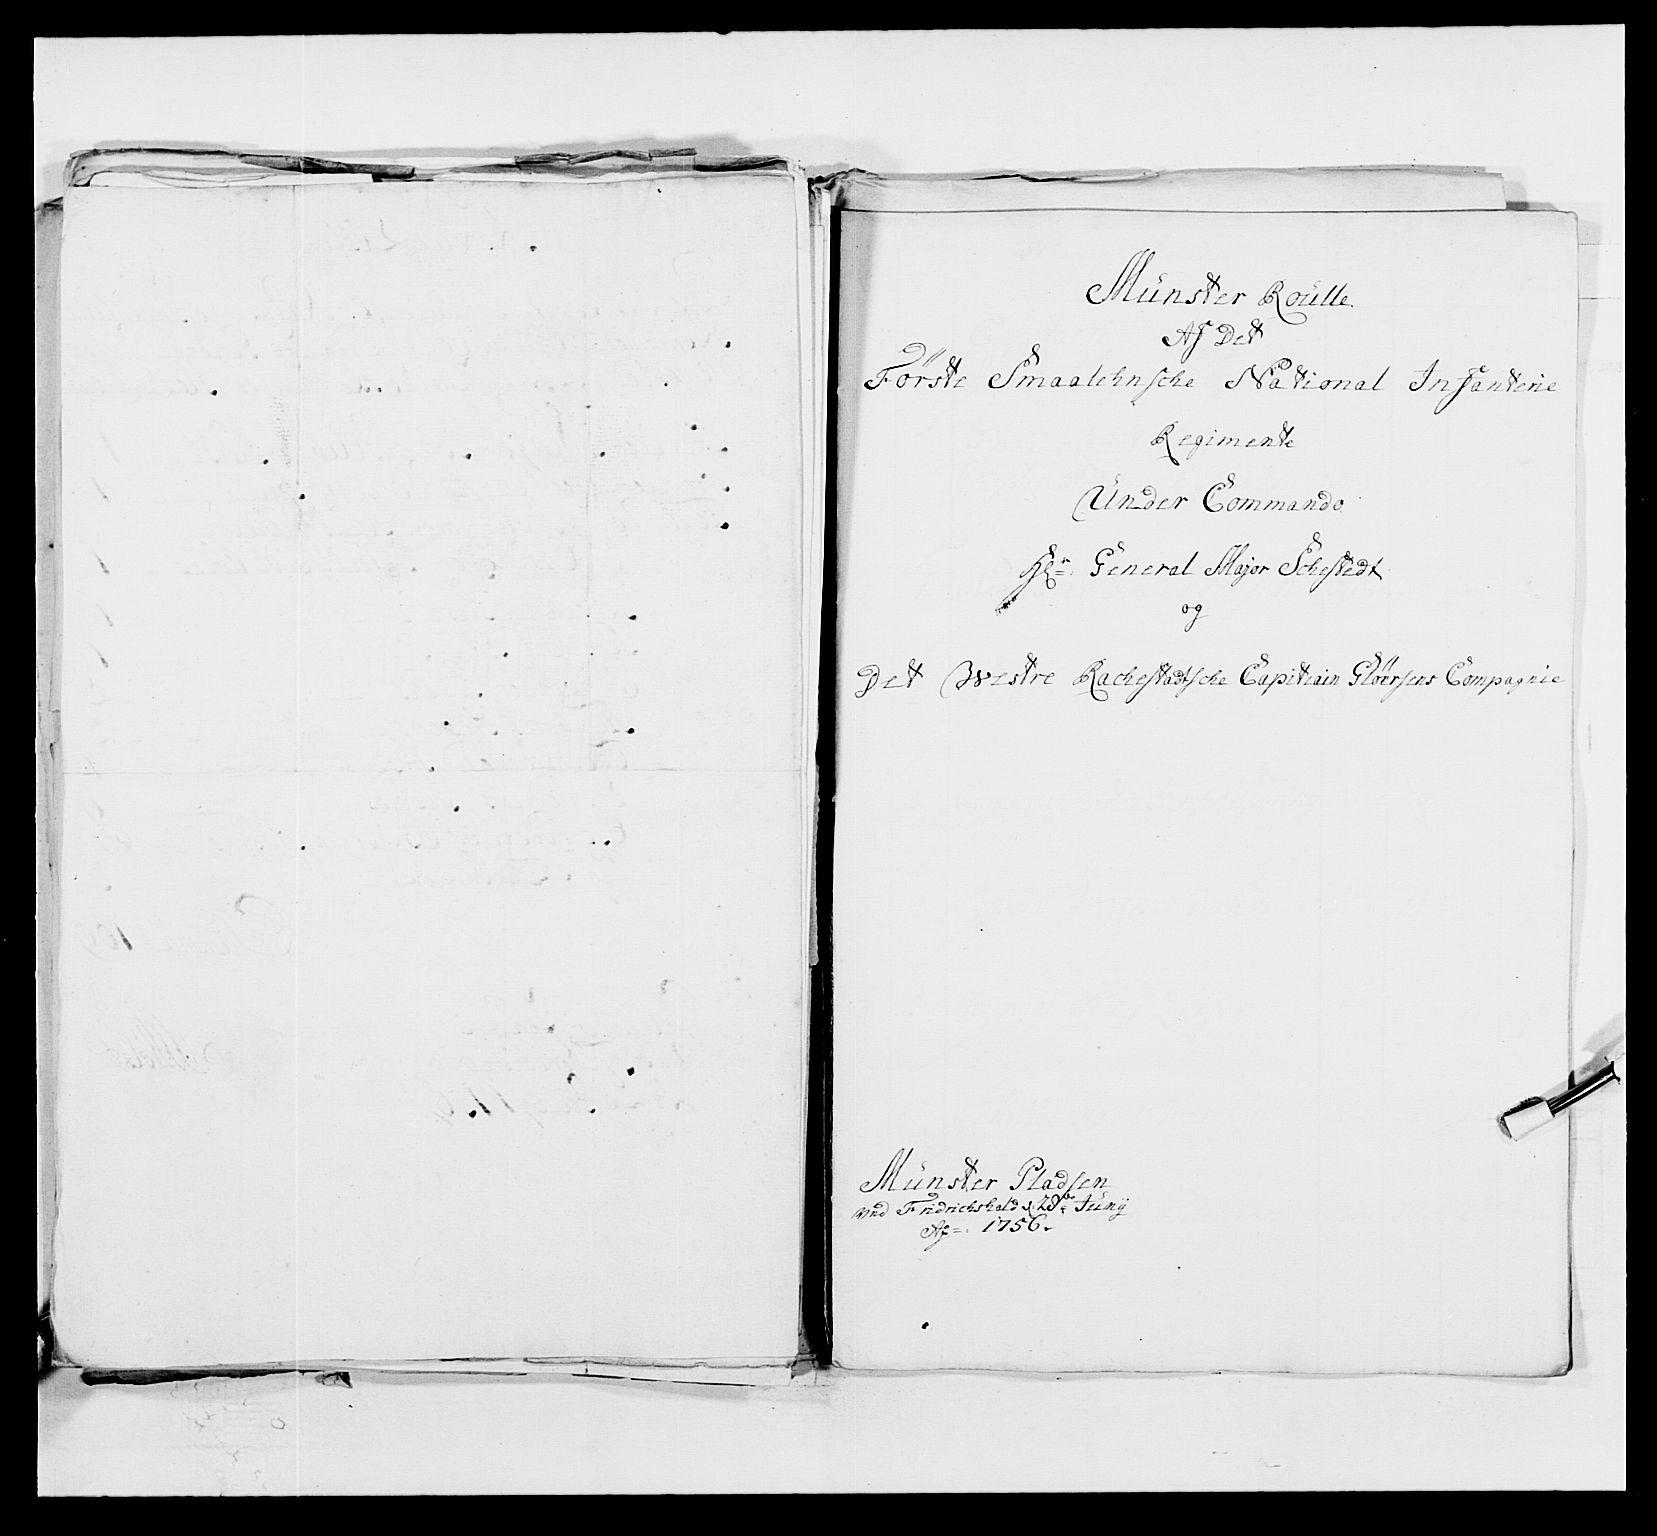 RA, Kommanderende general (KG I) med Det norske krigsdirektorium, E/Ea/L0495: 1. Smålenske regiment, 1732-1763, s. 625